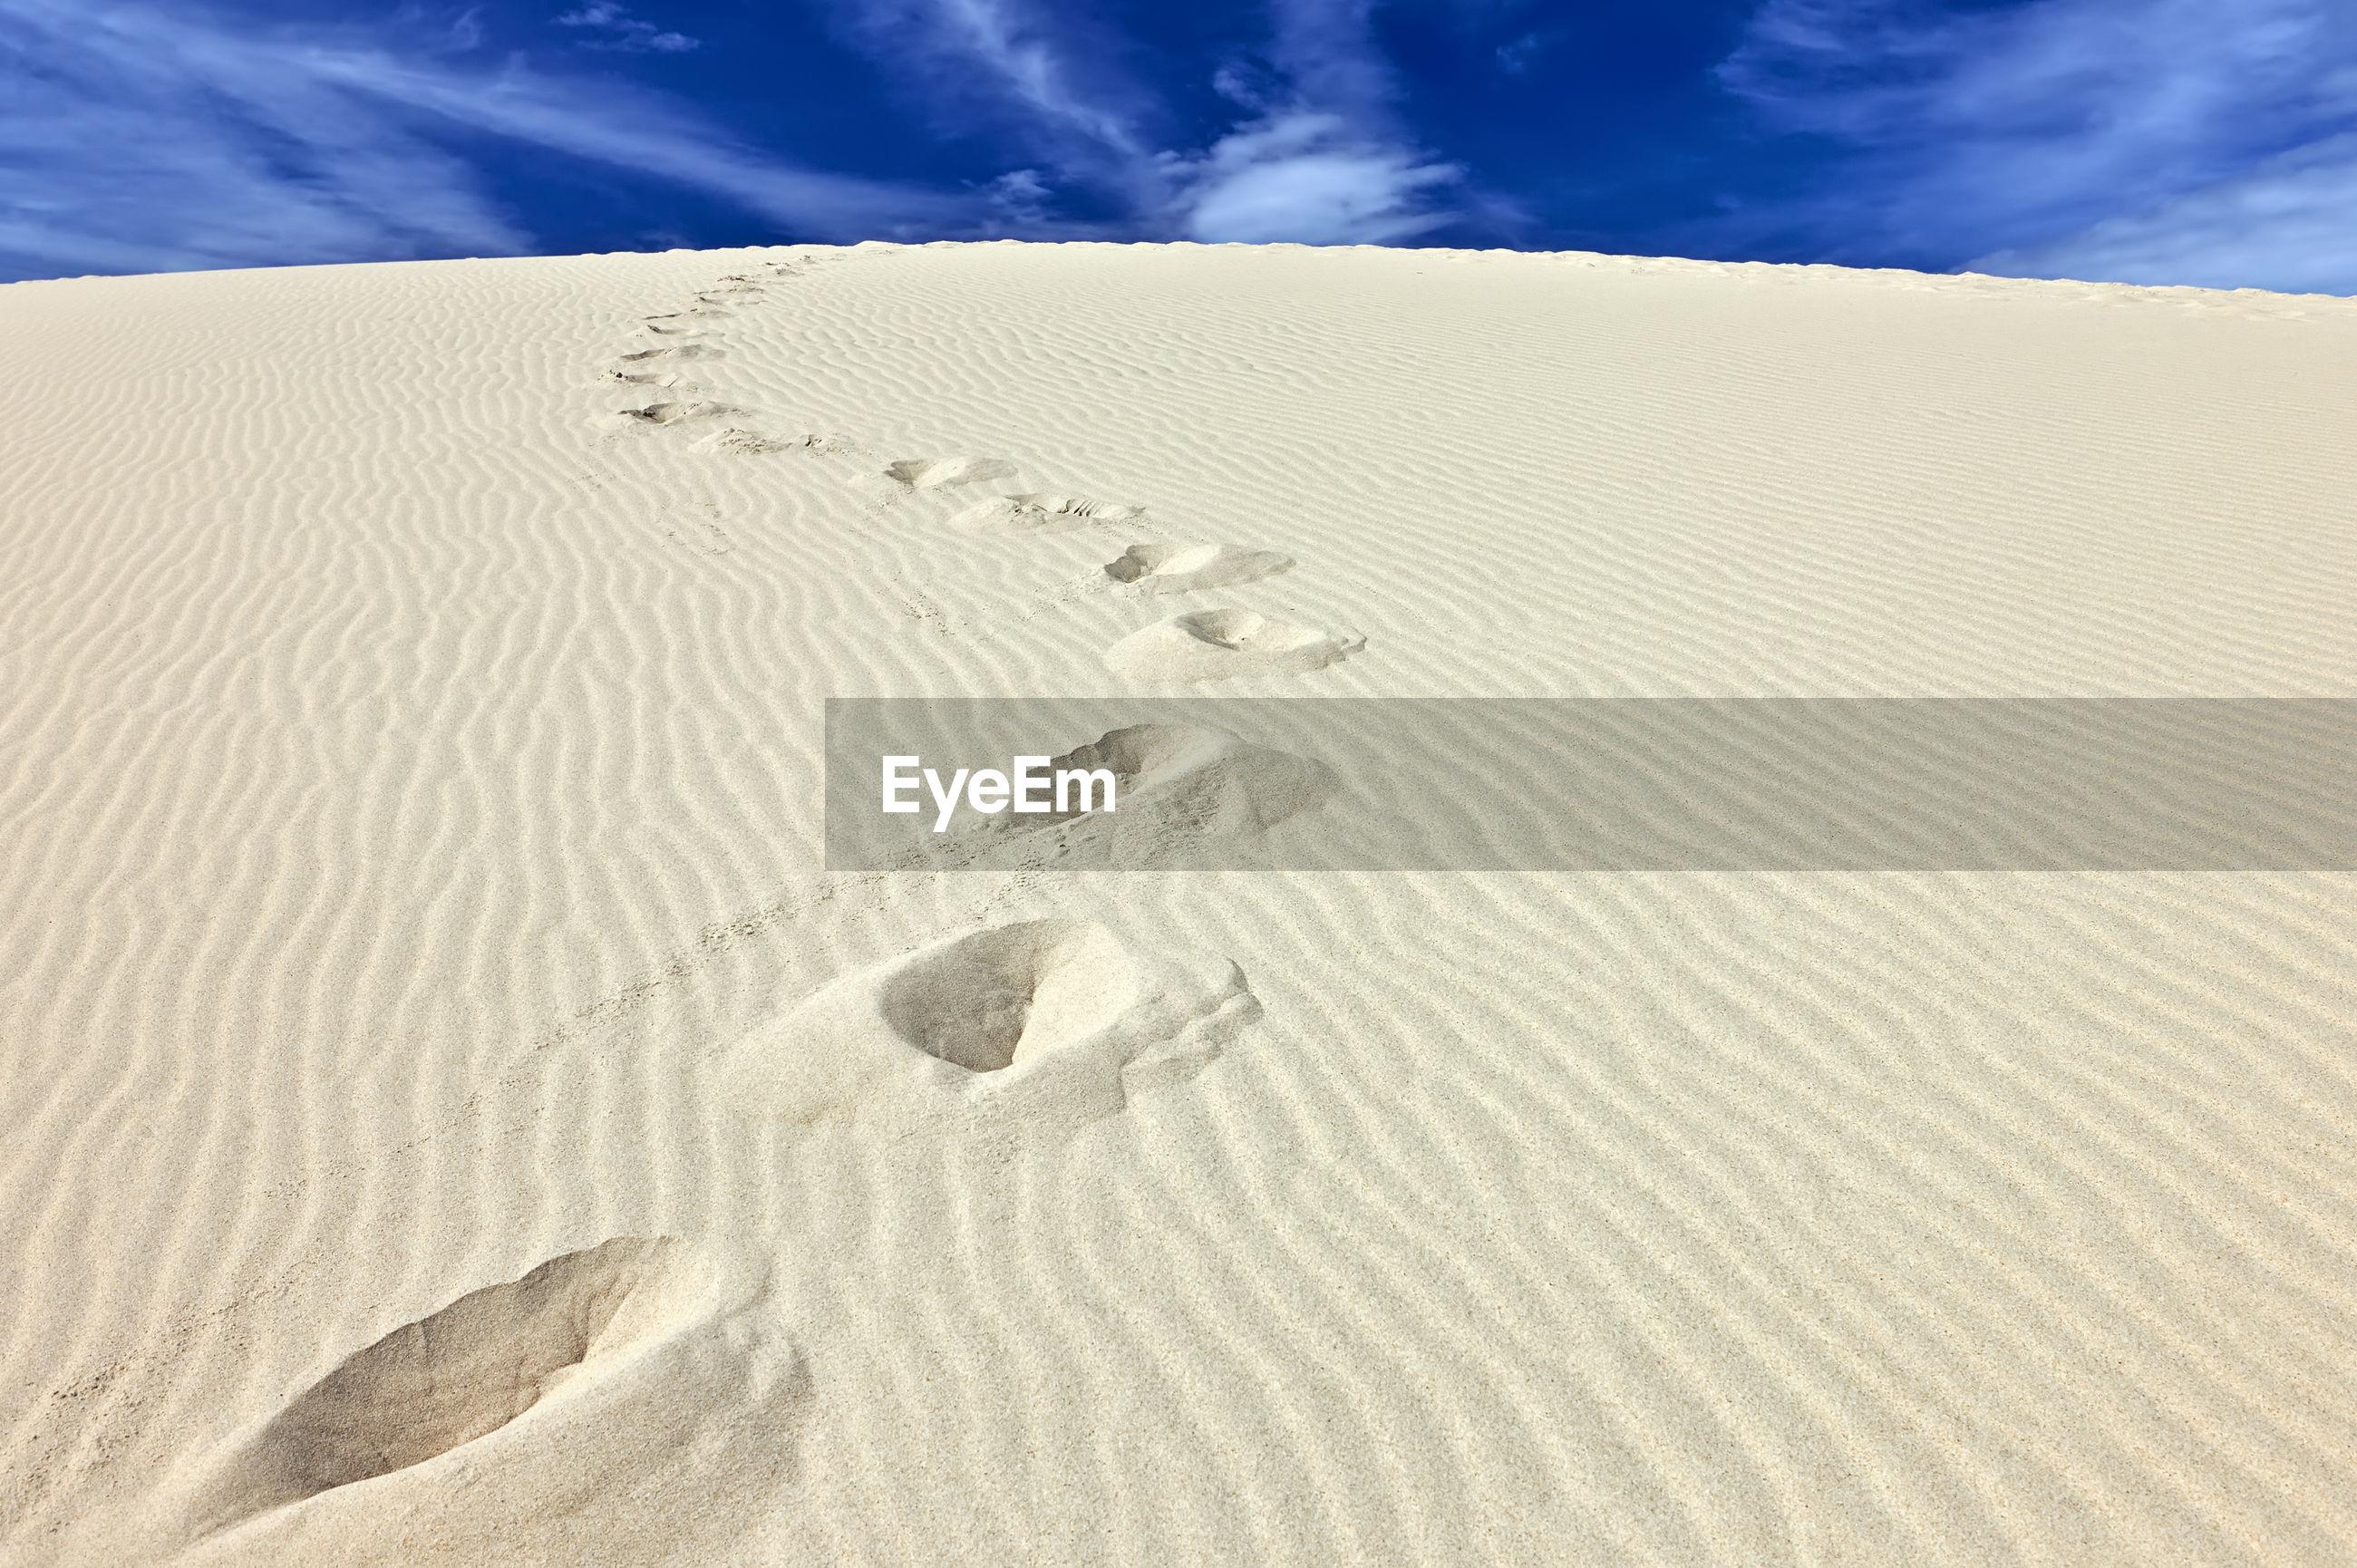 FOOTPRINTS ON SAND DUNE IN DESERT